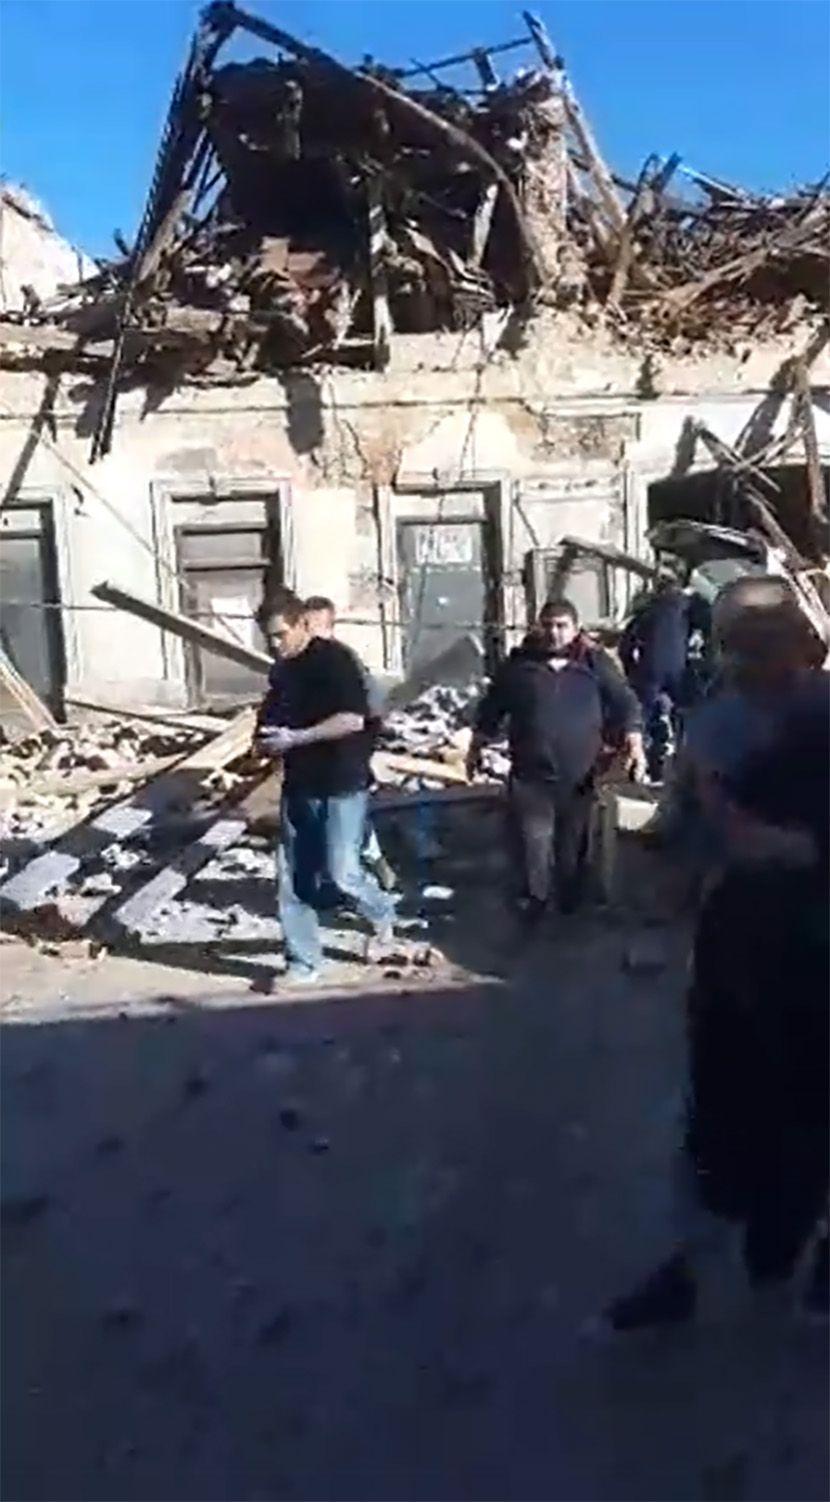 ПРЕМИЕРОТ НА ХРВАТСКА И ВОЈСКАТА НА ПАТ КОН ПЕТРИЊА – градот во рушевини, луѓе затрупани во своите домови